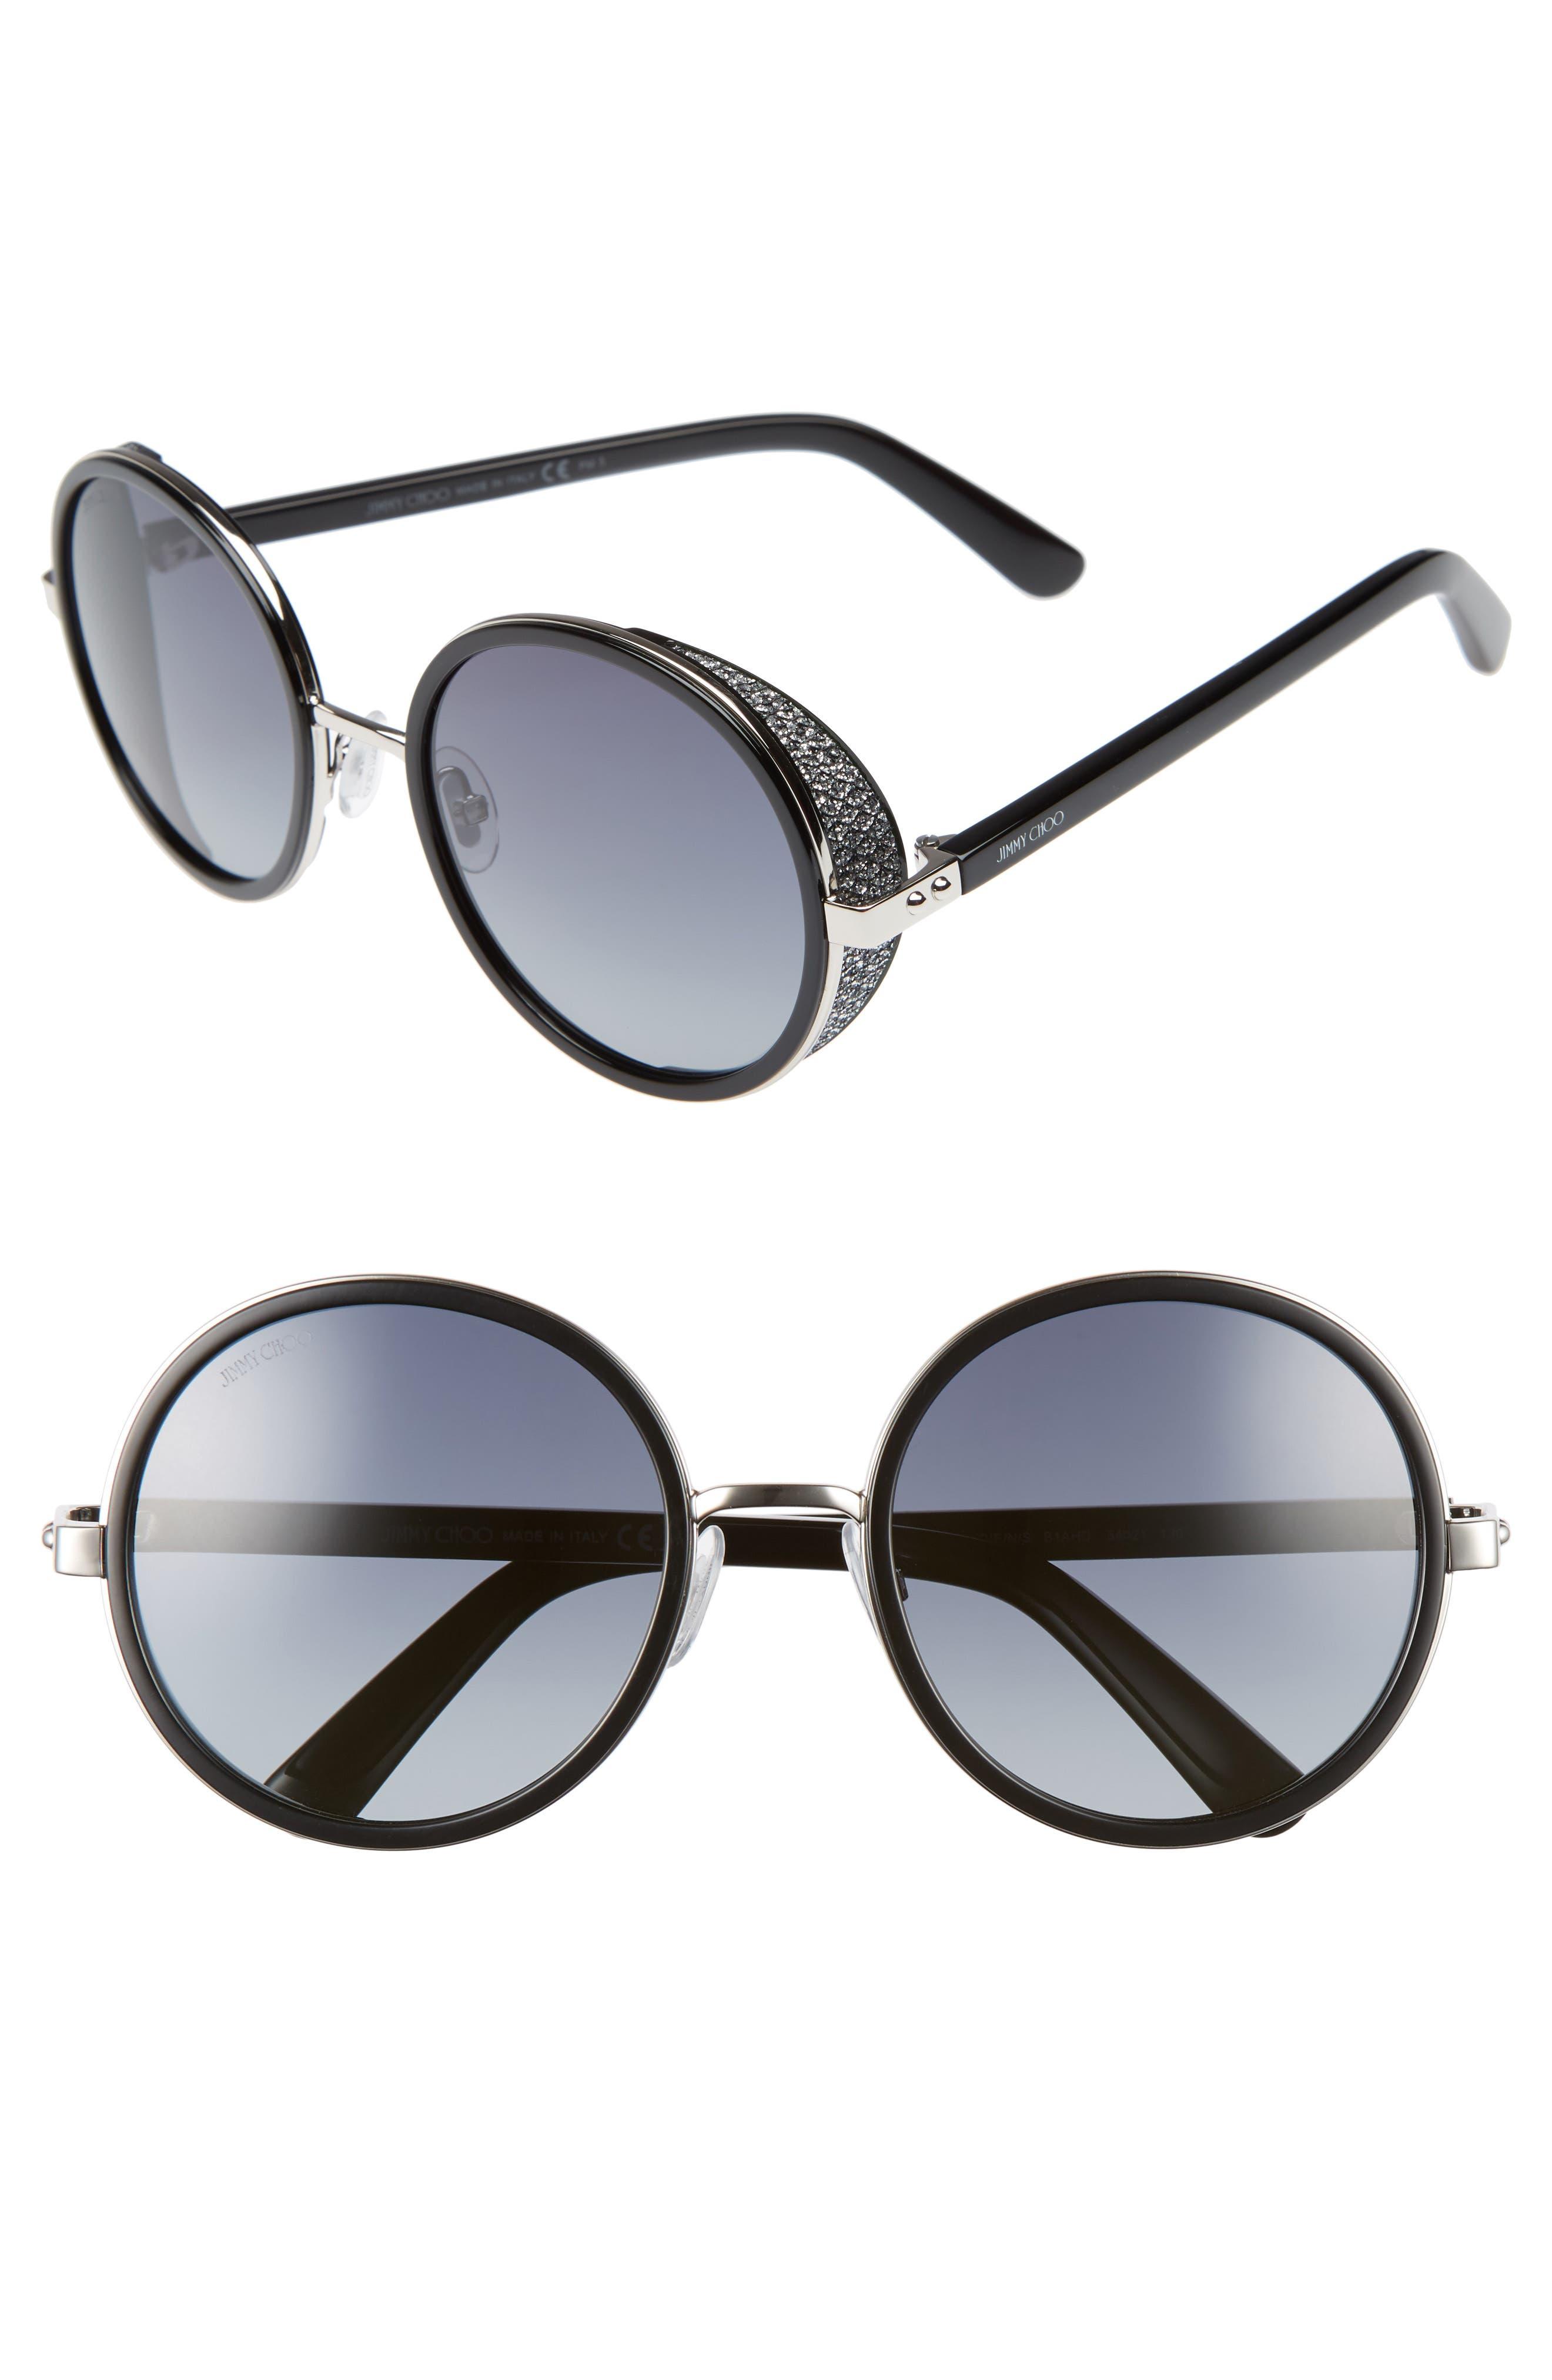 Andiens 54mm Round Sunglasses,                         Main,                         color, Palladium/ Black